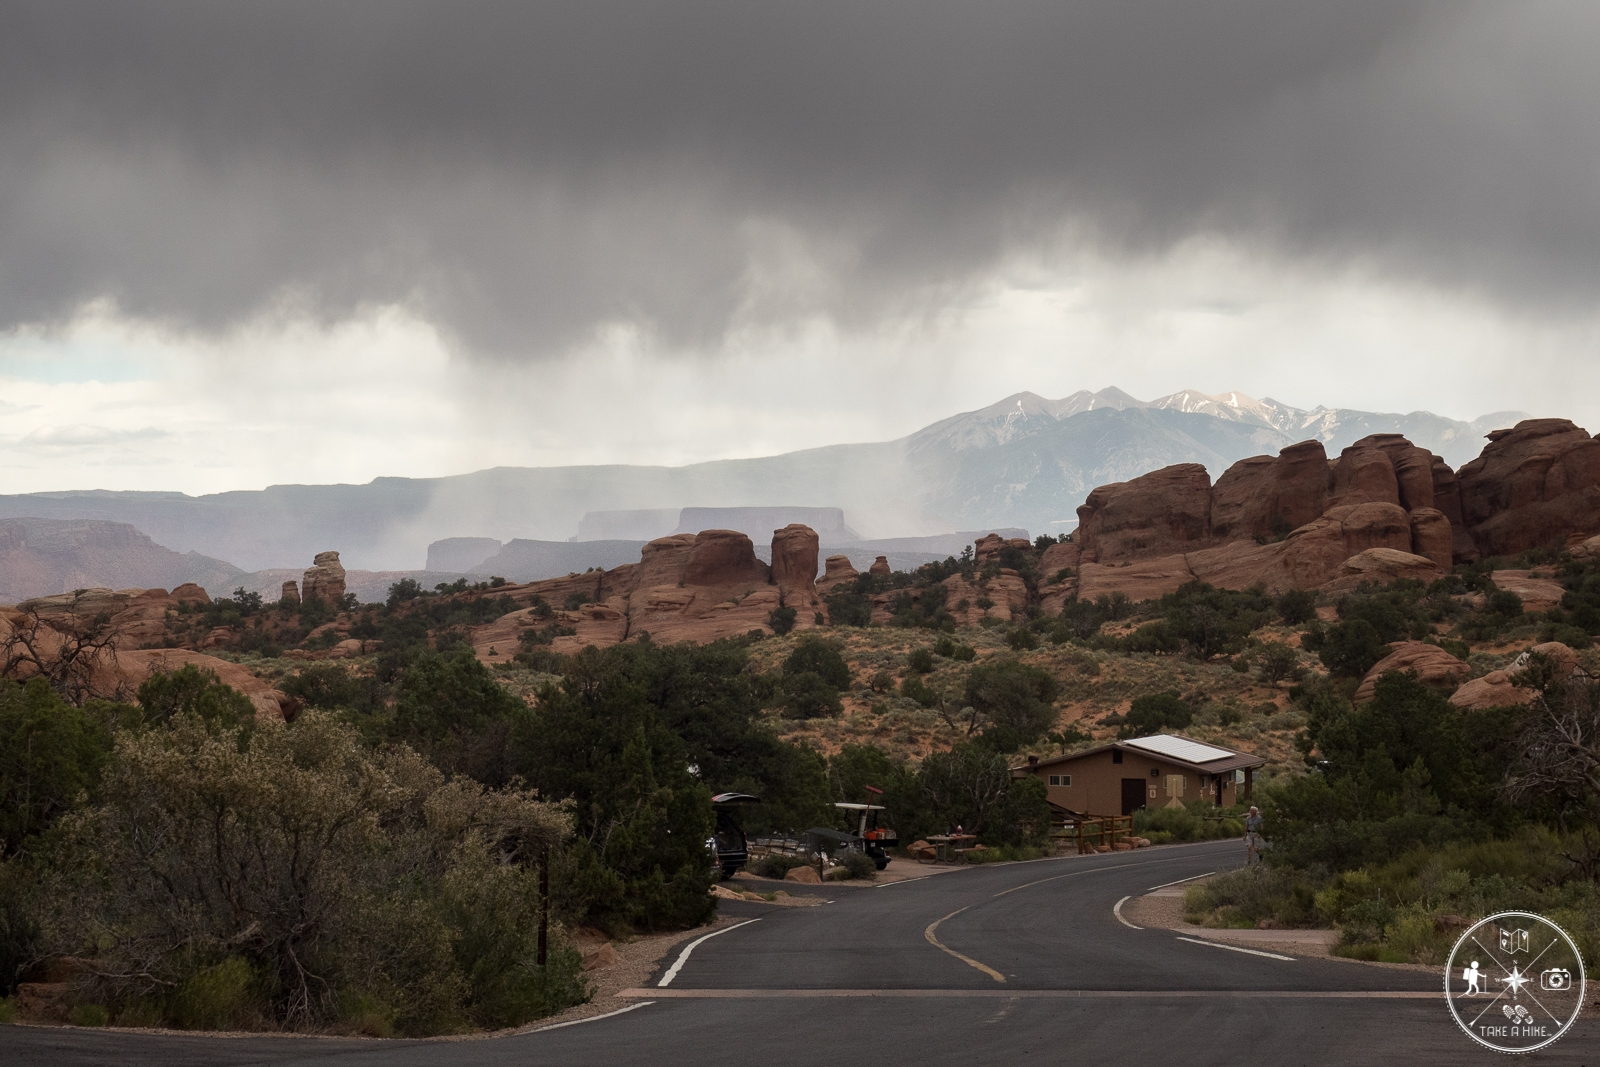 Gewitter und Regen in der Ferne